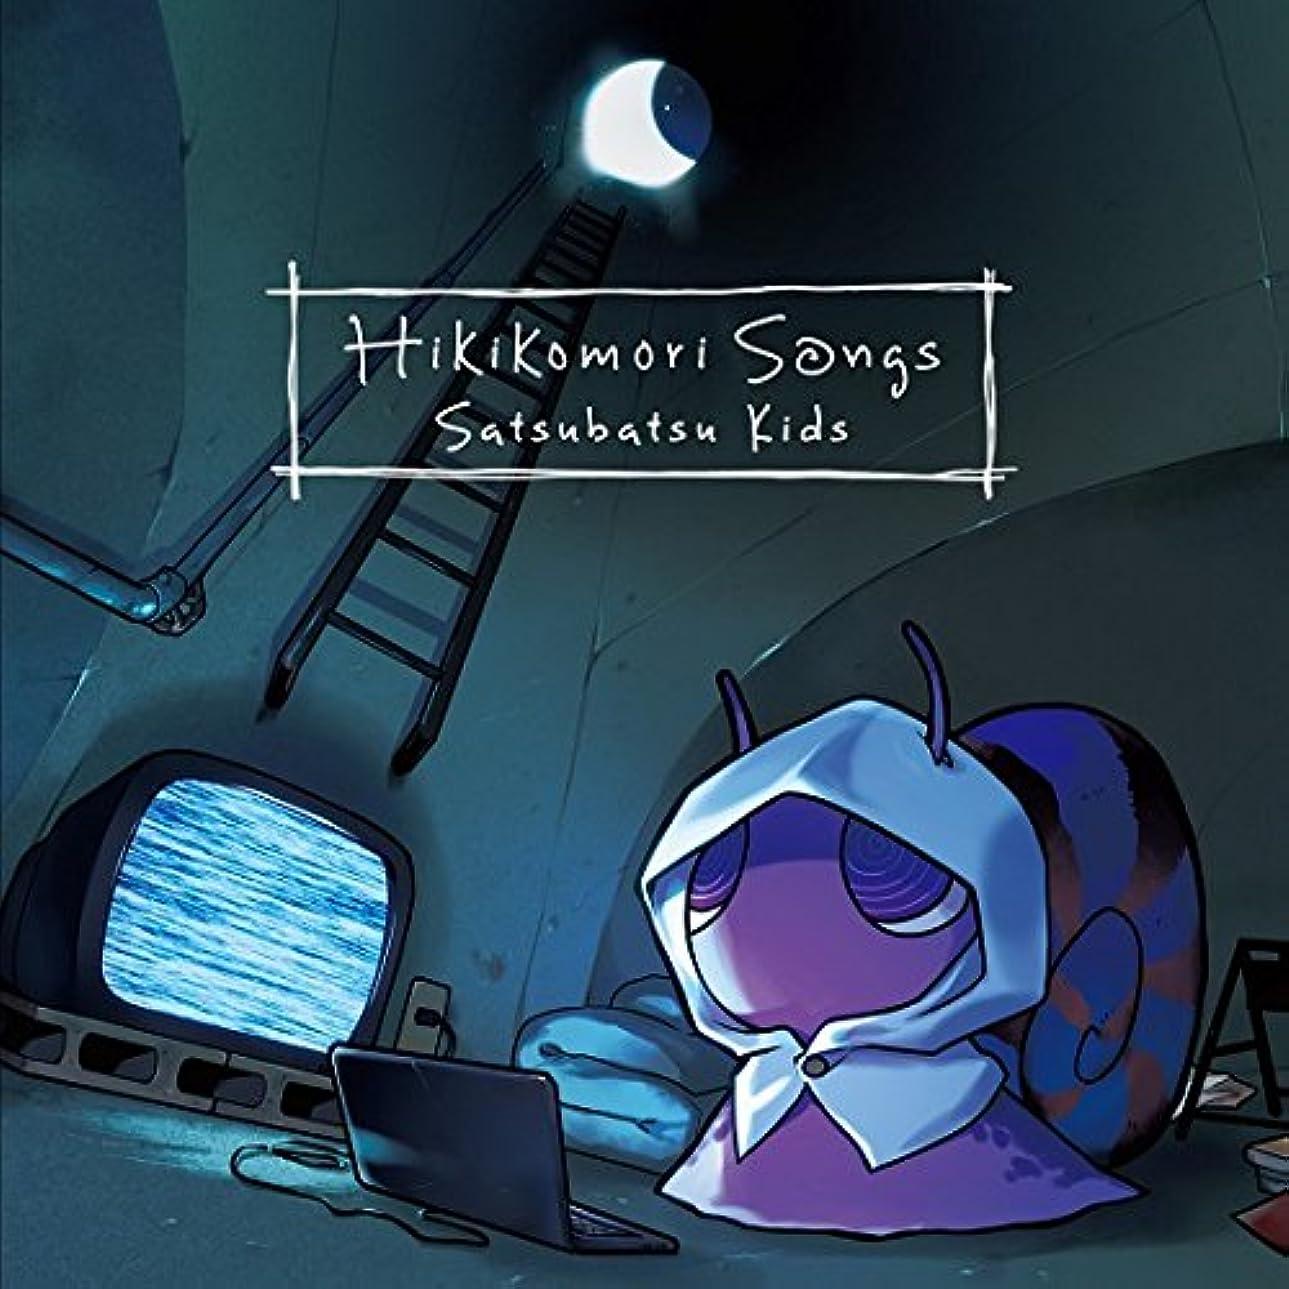 ベッドを作る試験はさみ「Hikikomori Songs」 / Satsubatsu Kids [PC流通版]